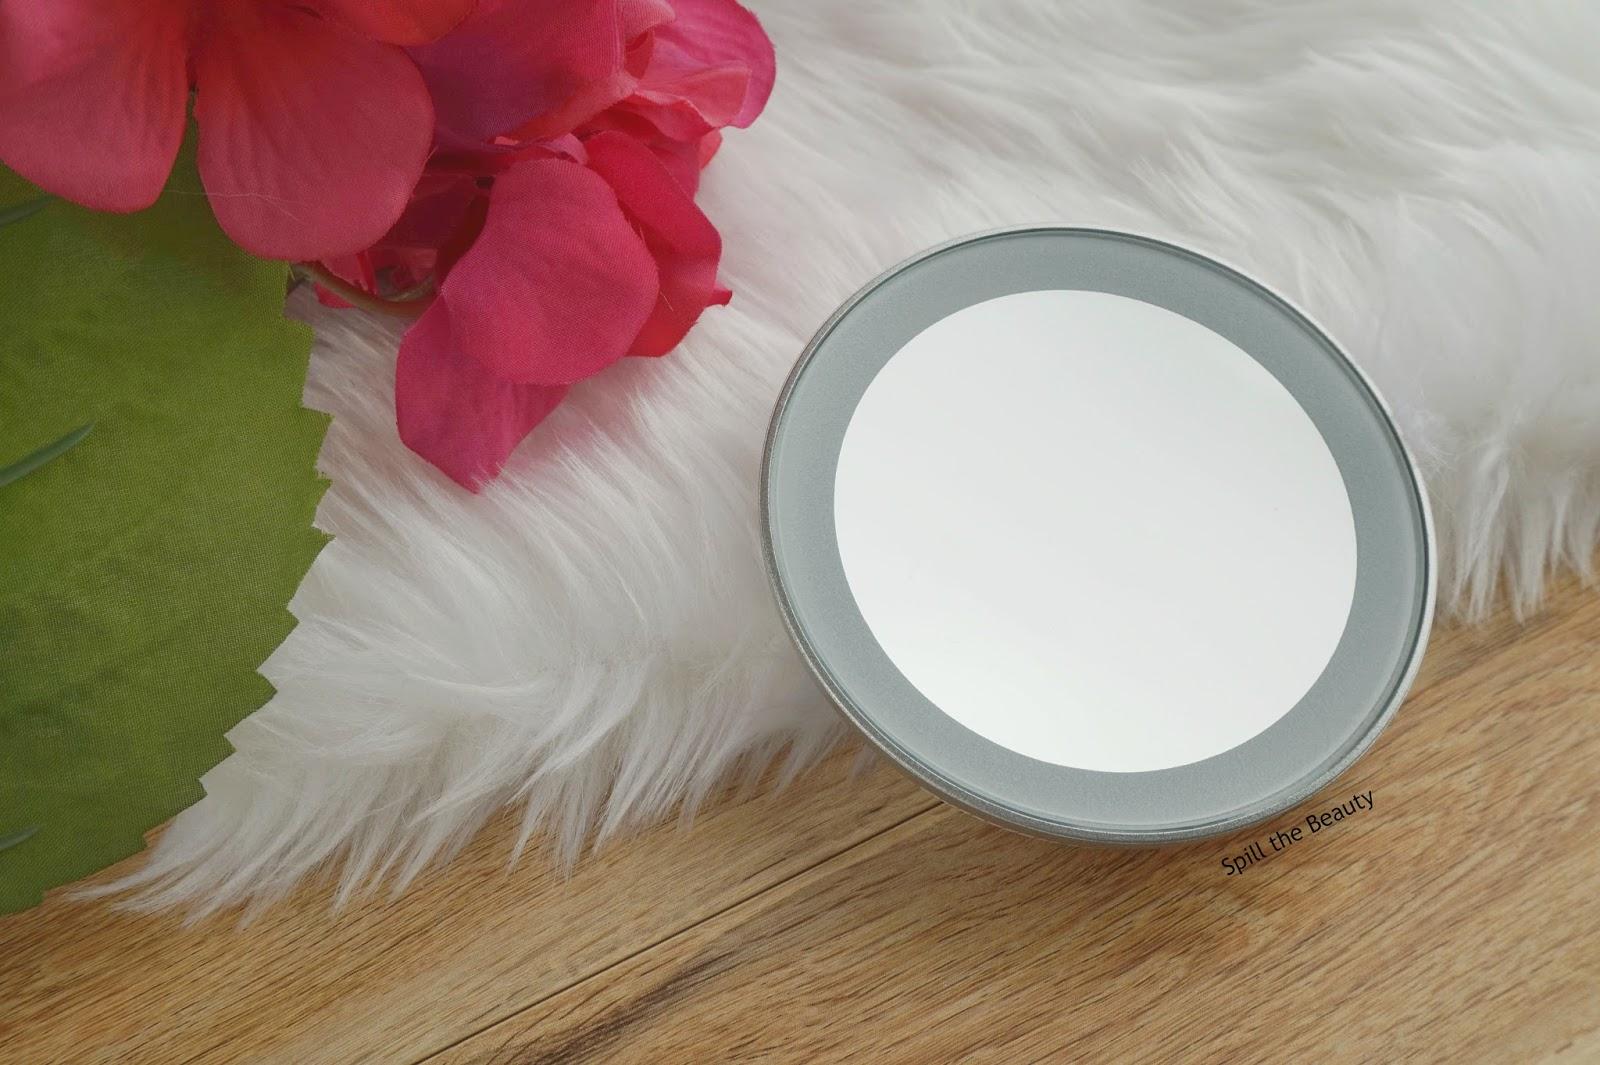 led 15x mini mirror tweezerman